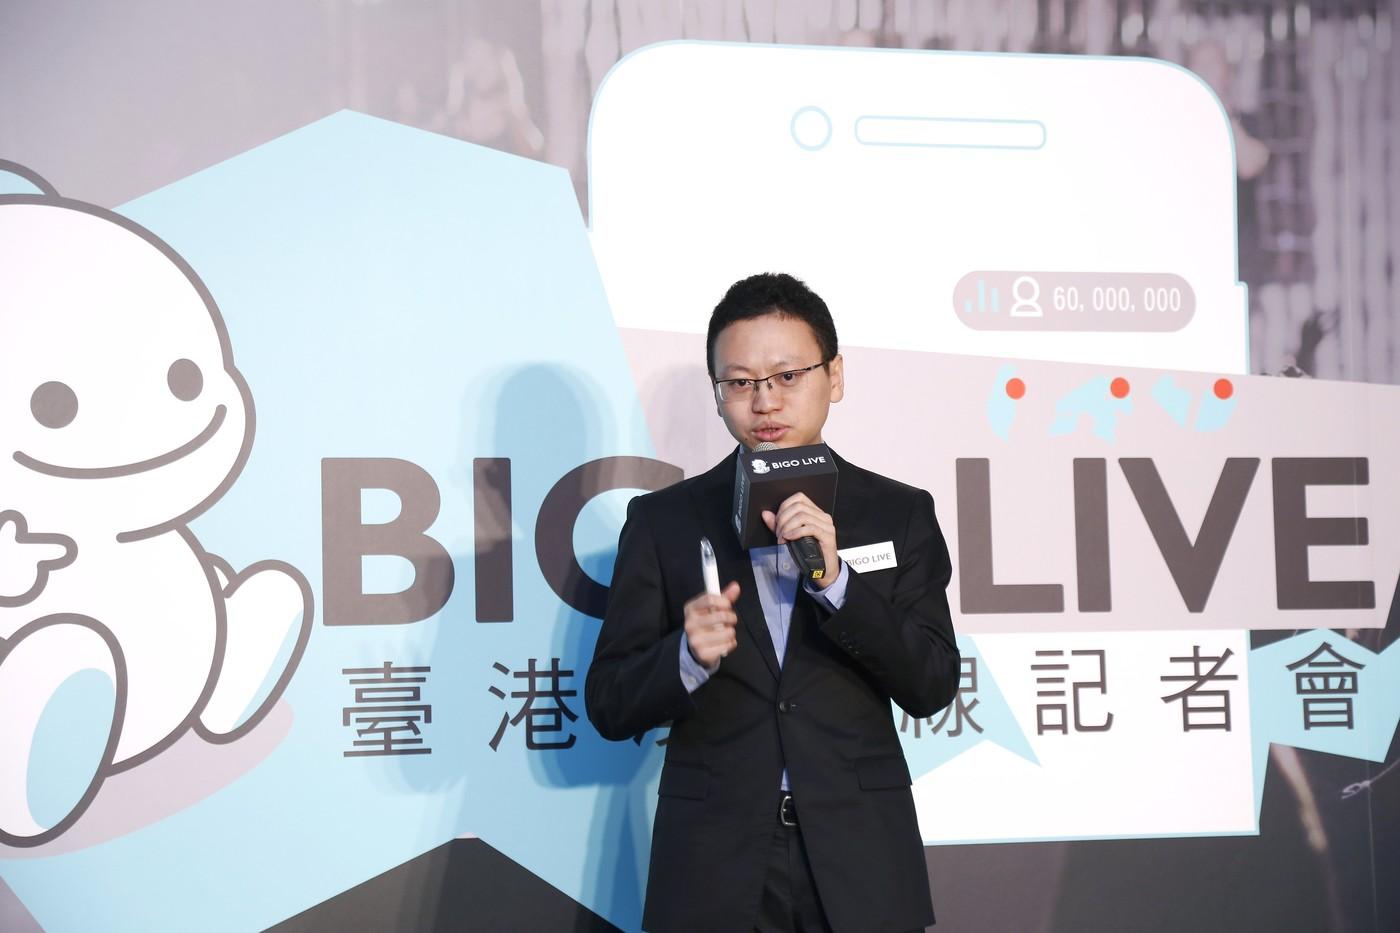 全球下載破六千萬!「BIGO LIVE」要來台灣打直播大戰了